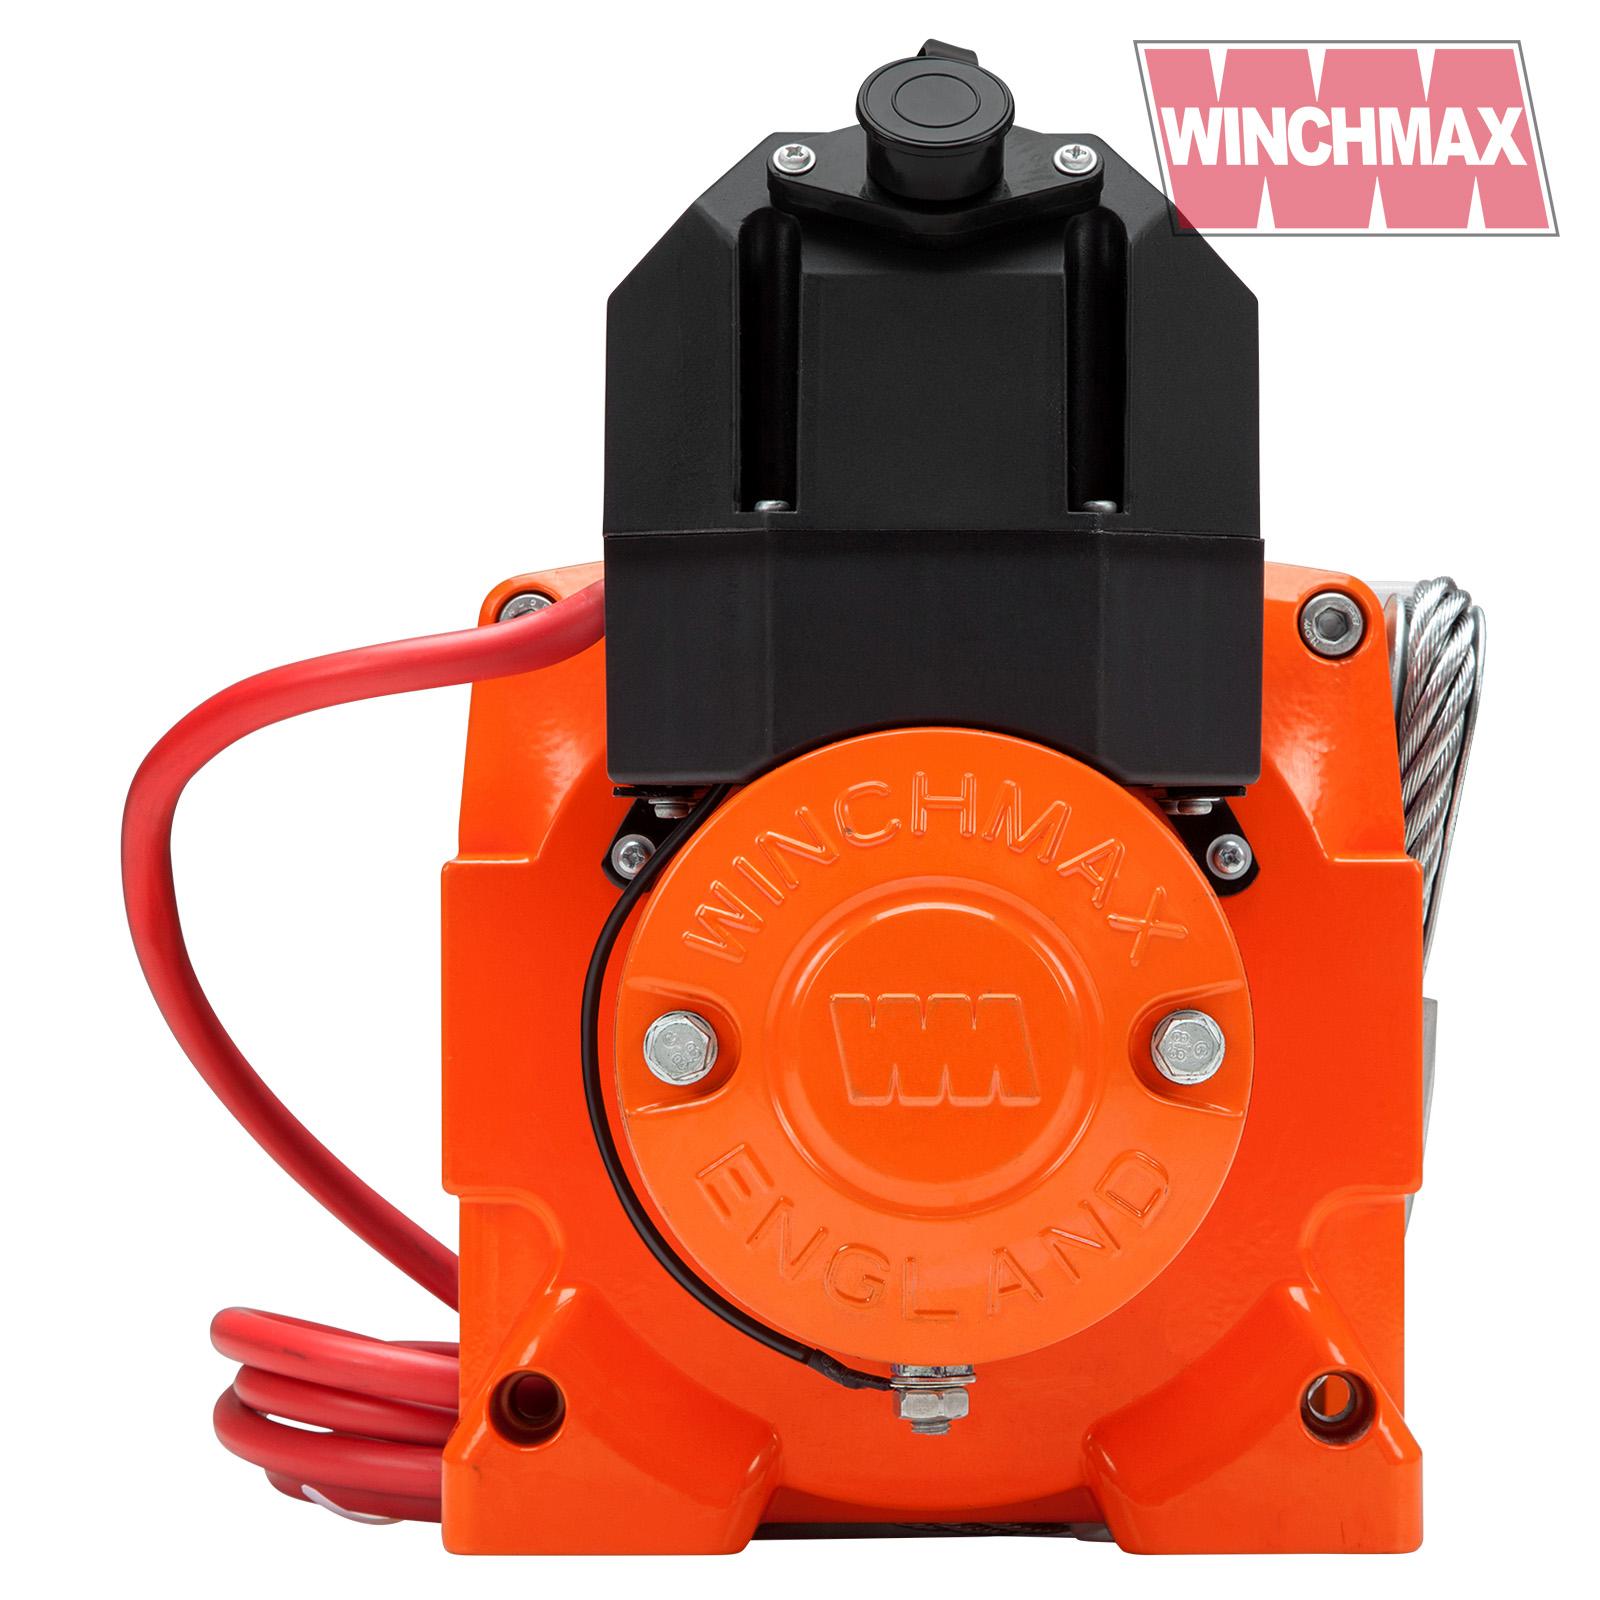 Wm1700024vr winchmax 304